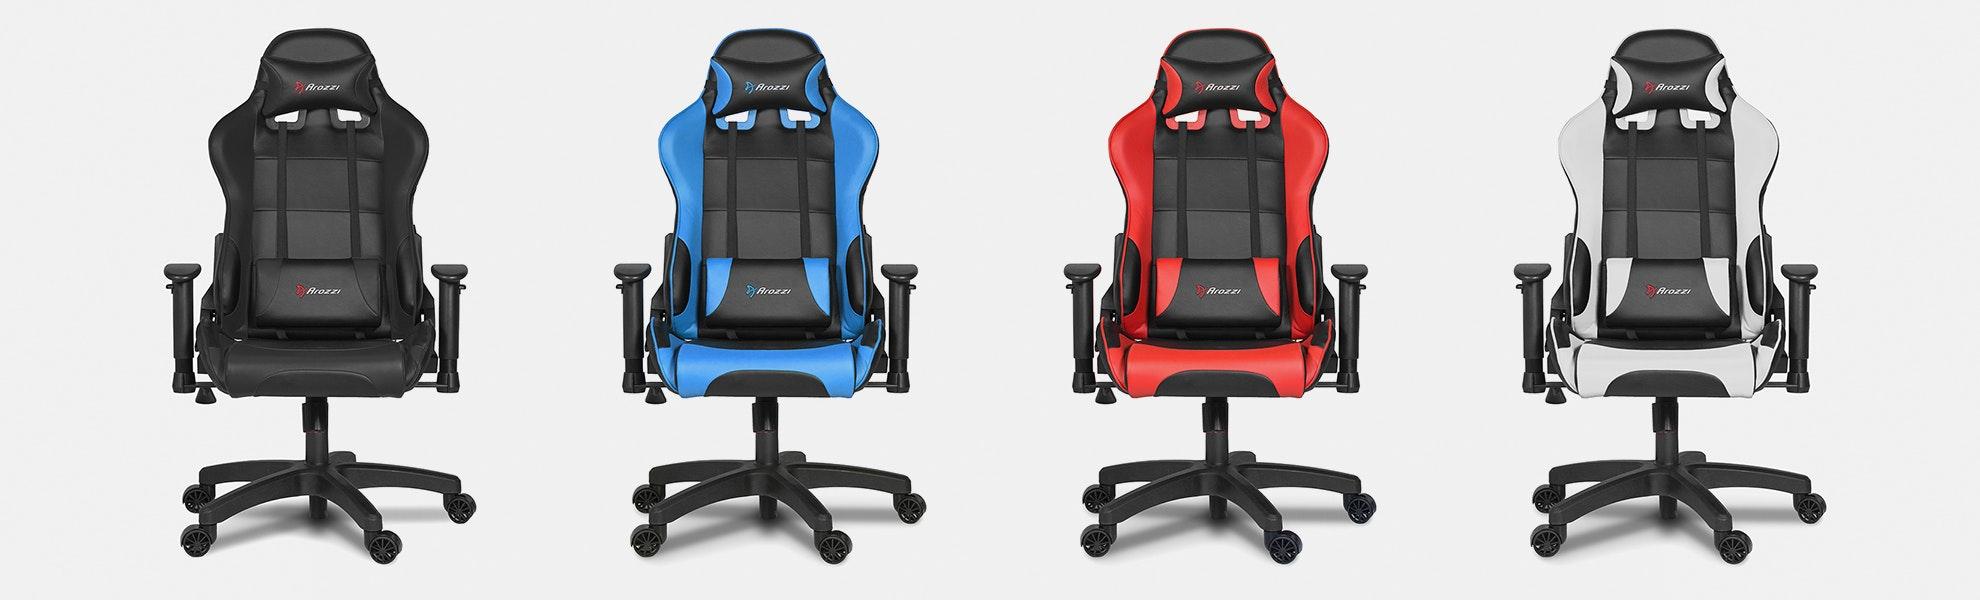 Arozzi Verona Junior Gaming Chair